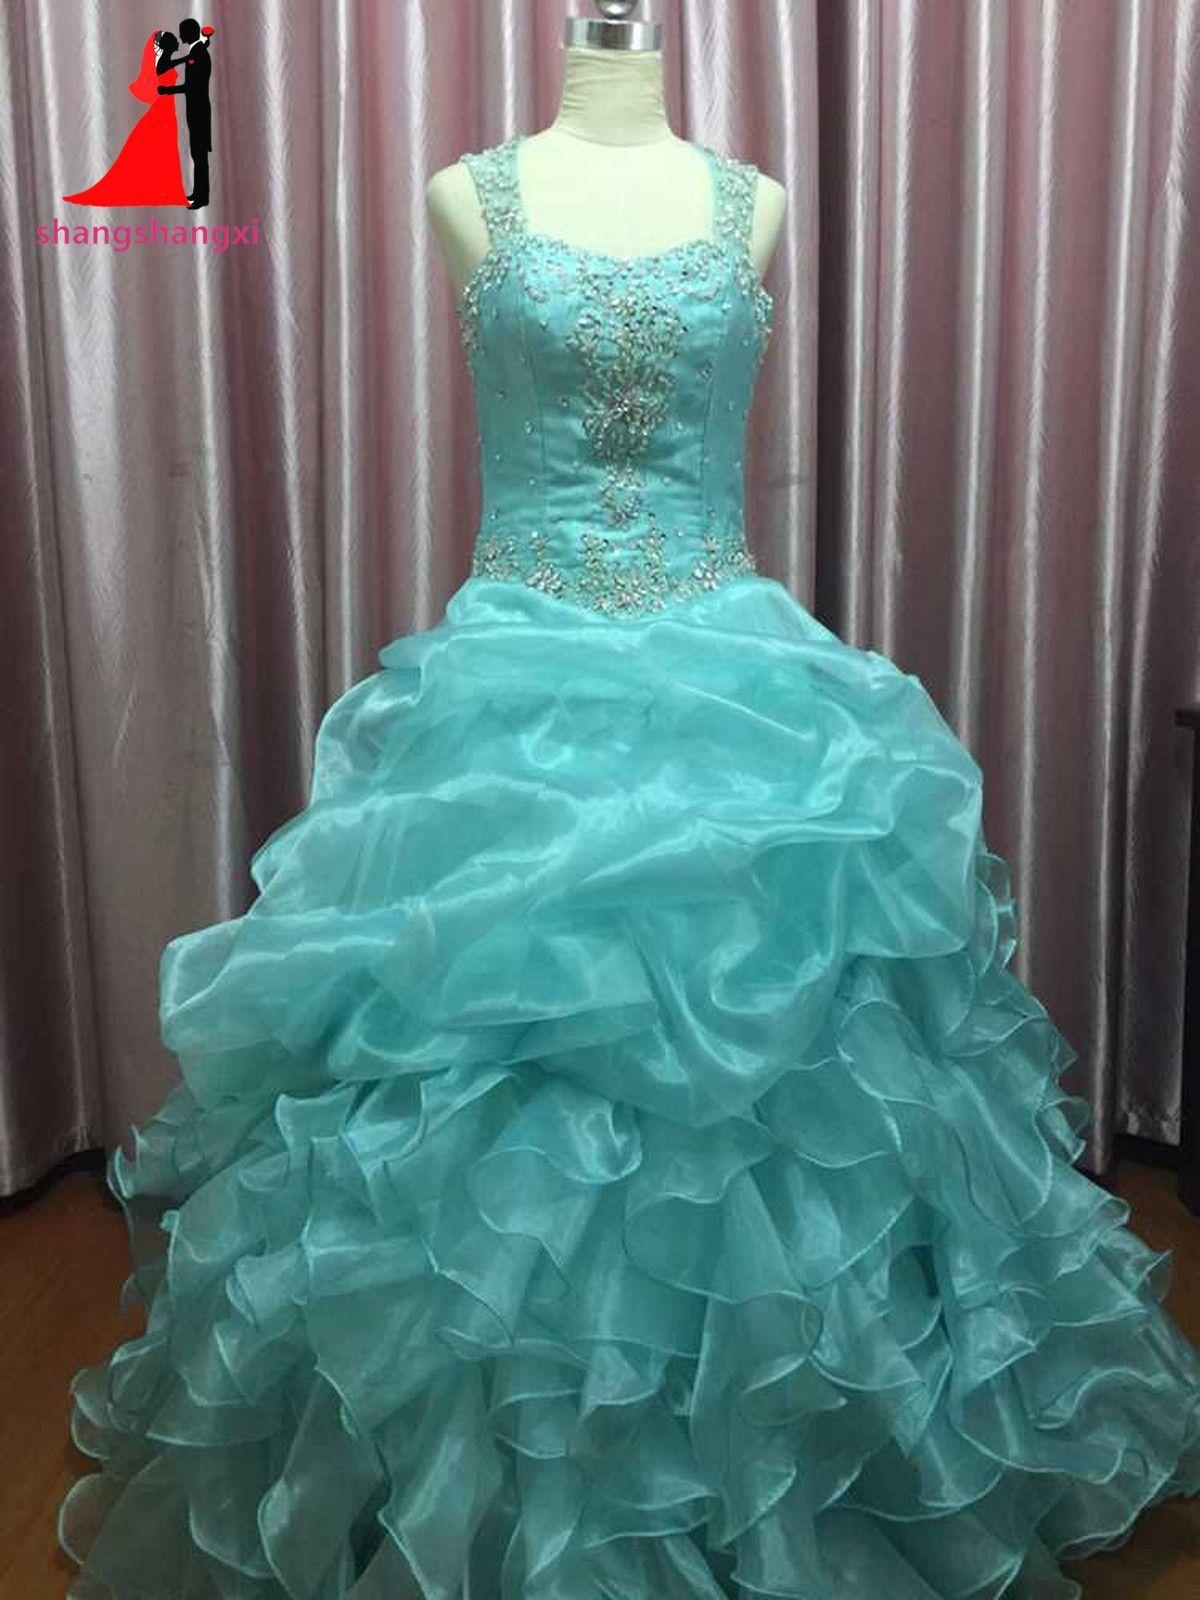 New Cheap Mint Green Quinceanera Dresses Masquerade Ball Gowns Ruffles  Sweet 16 Dress Long Prom Dresses a0590732558e